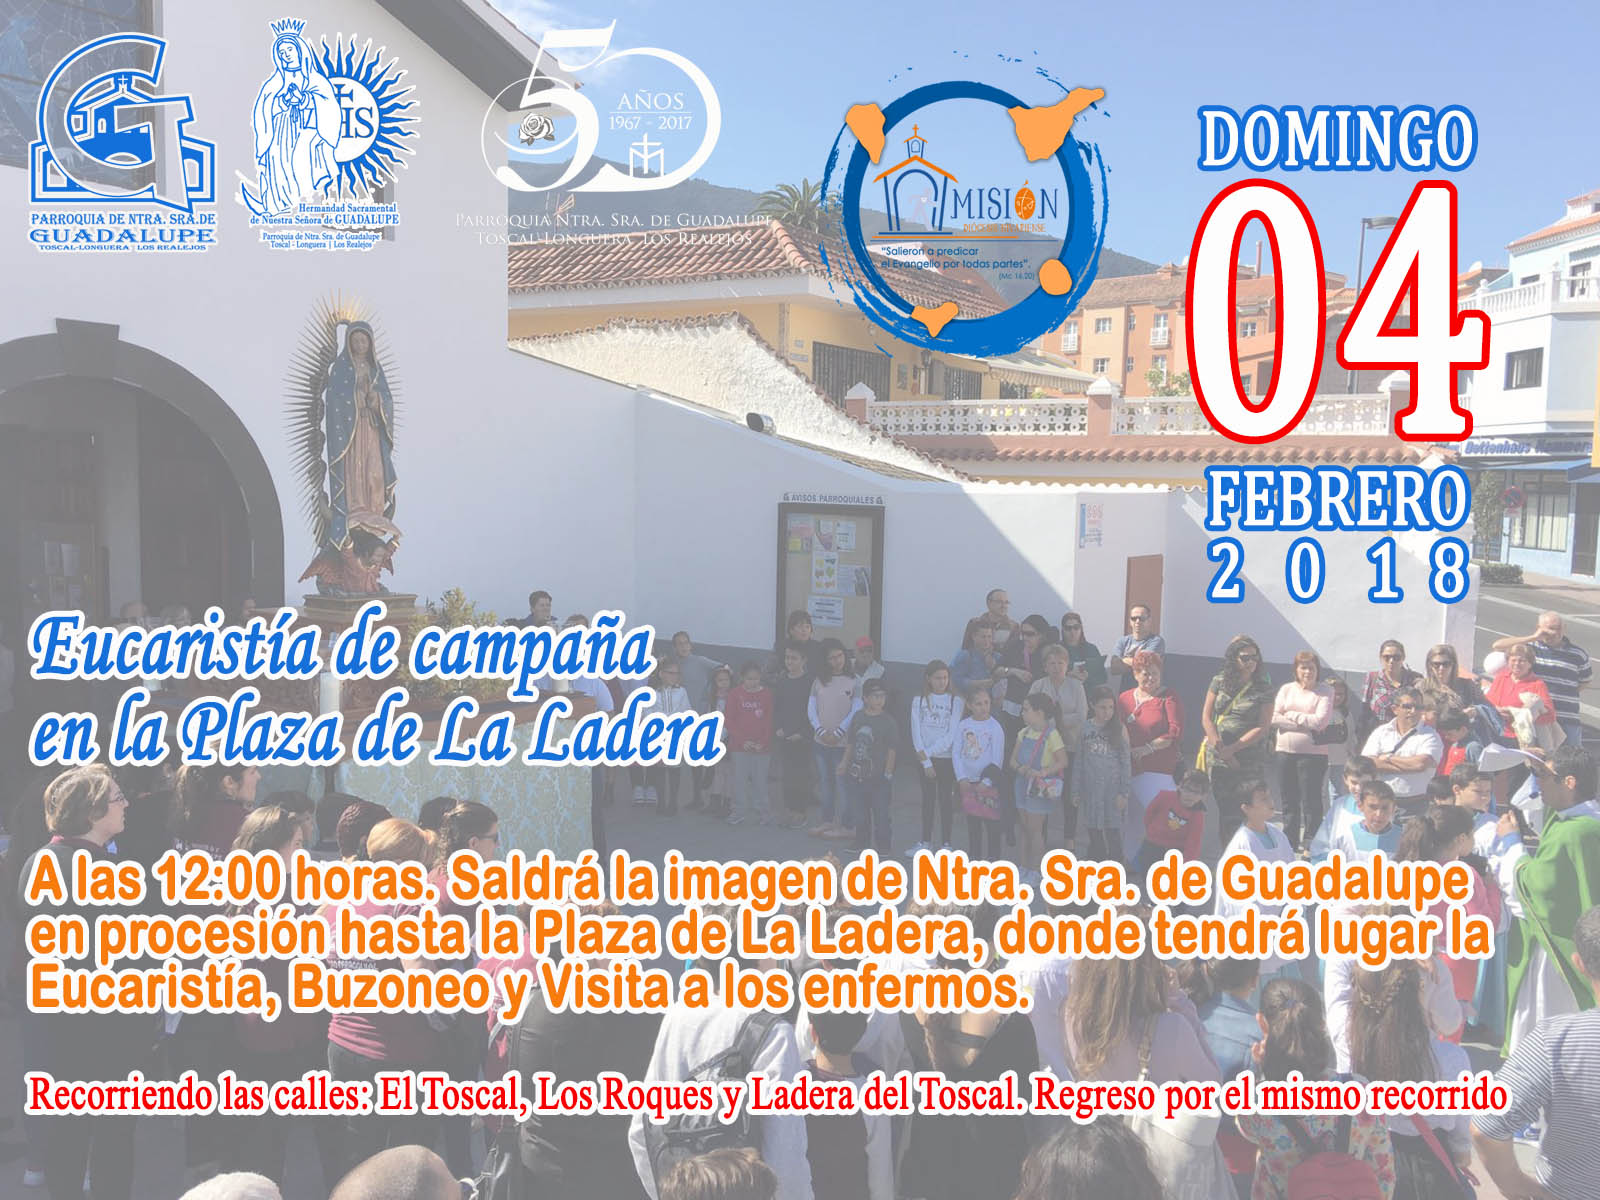 Eucaristía de Campaña en la Plaza de La Ladera Domingo 4 febrero